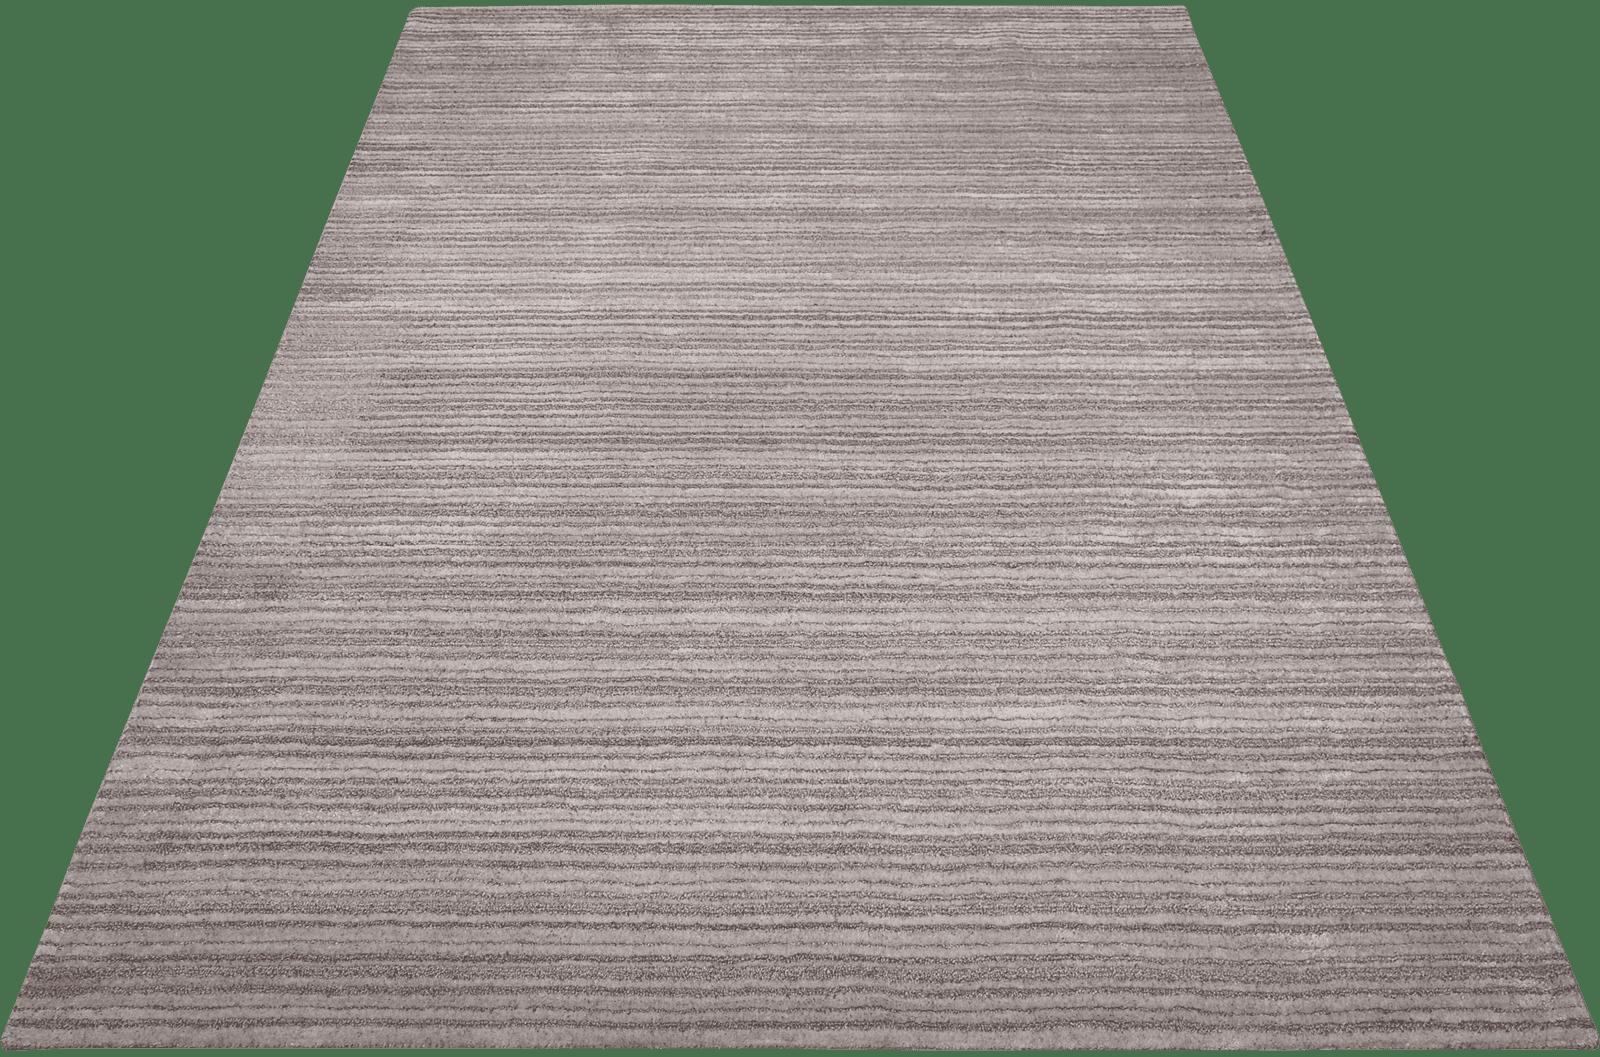 Sillon-design-tapijt-moderne-design-tapijten-luxe-vloerkleden-exclusief-vloerkleed-koreman-maastricht